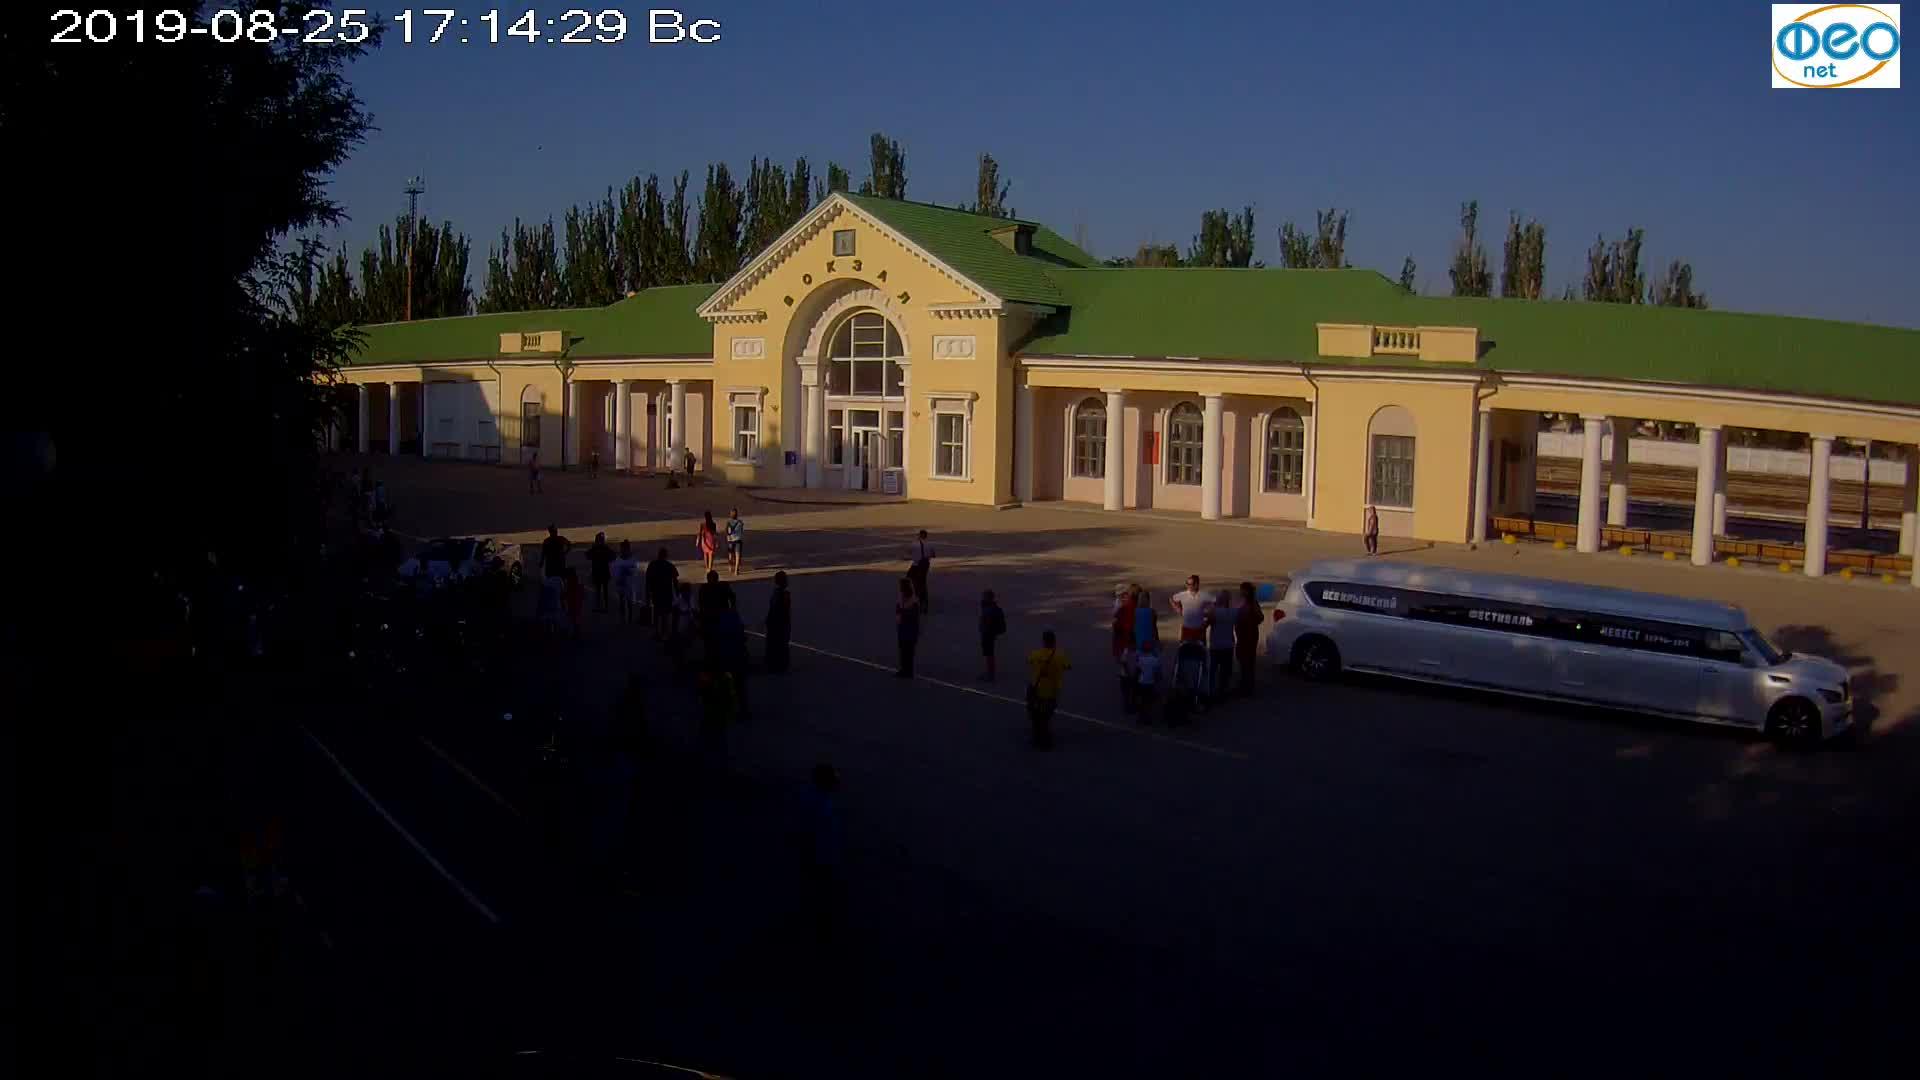 Веб-камеры Феодосии, Привокзальная площадь, 2019-08-25 17:30:05